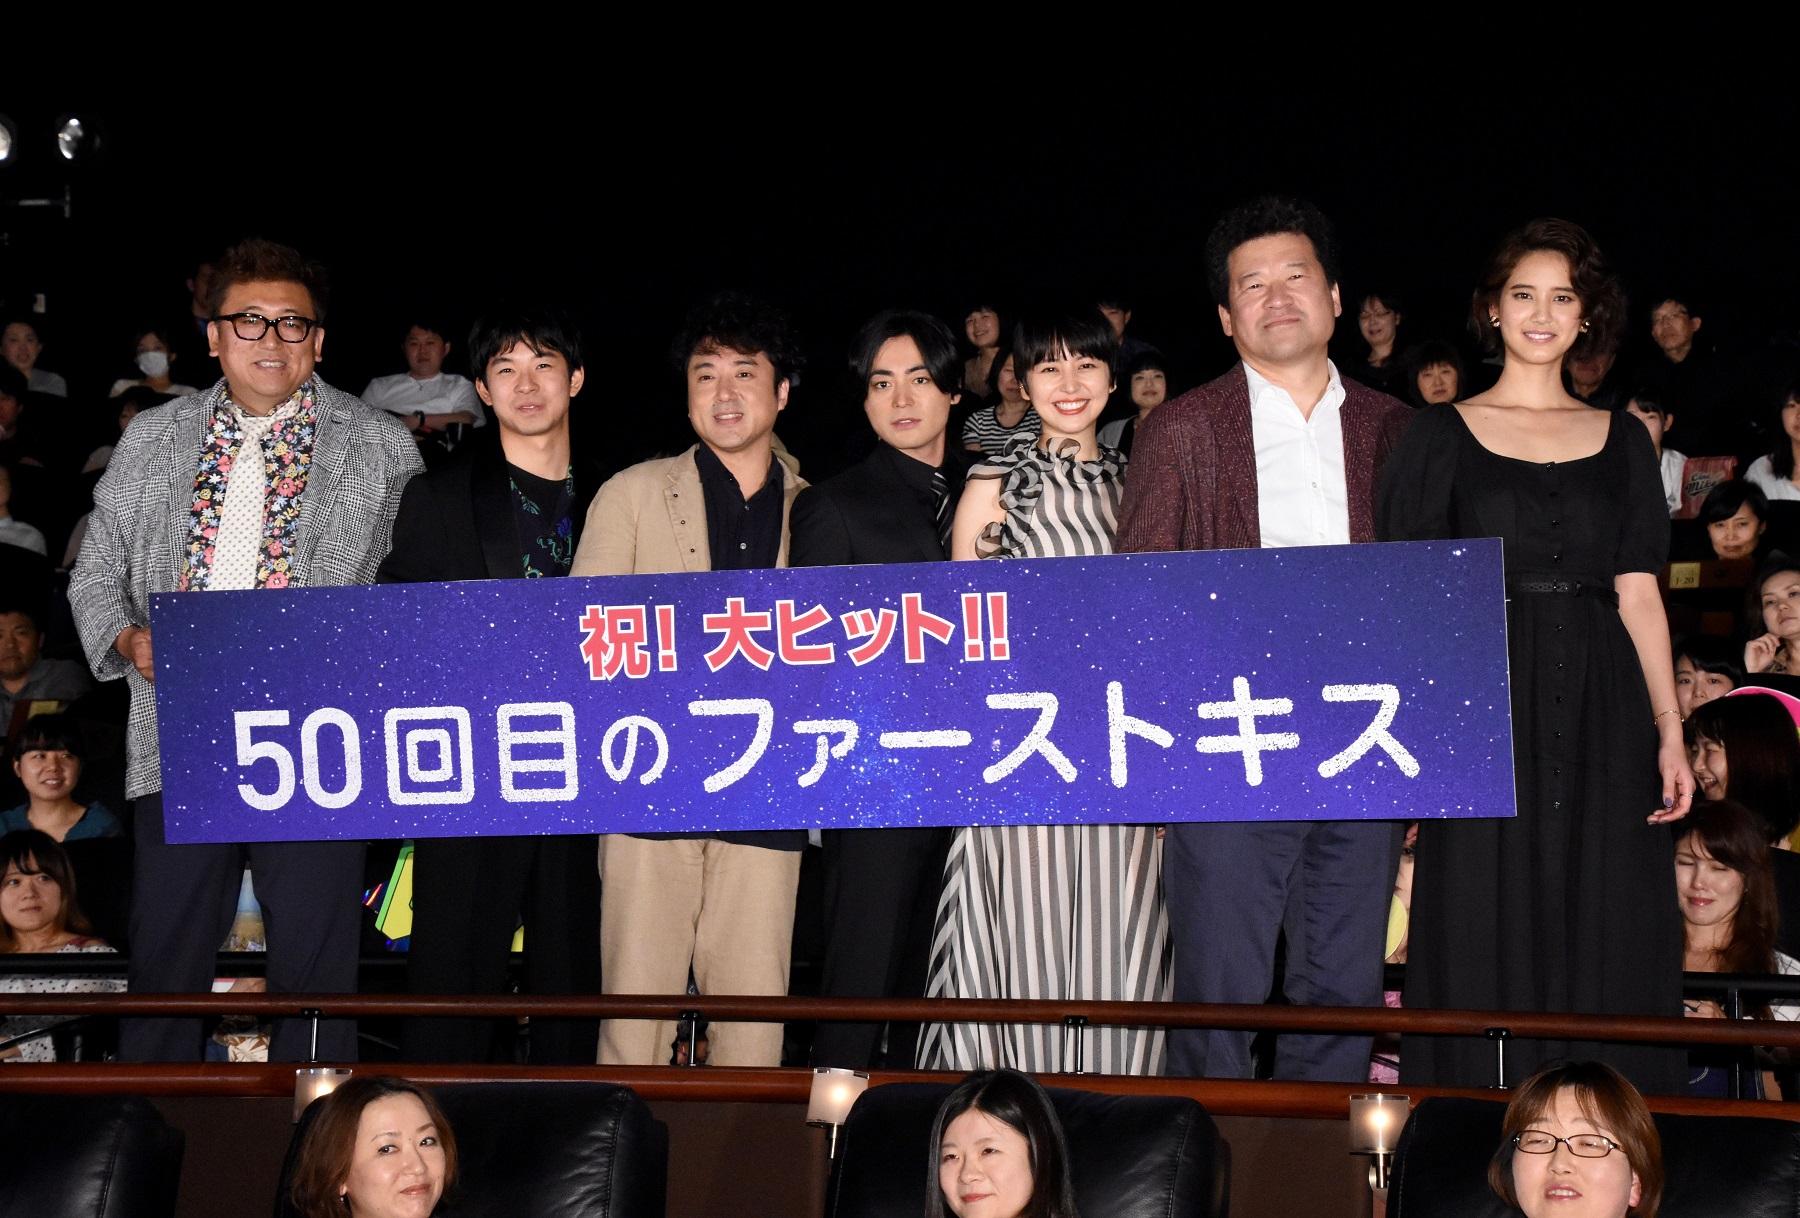 山田孝之が本当に愛しているのは、長澤まさみではなく、あのイケメン俳優だった!?